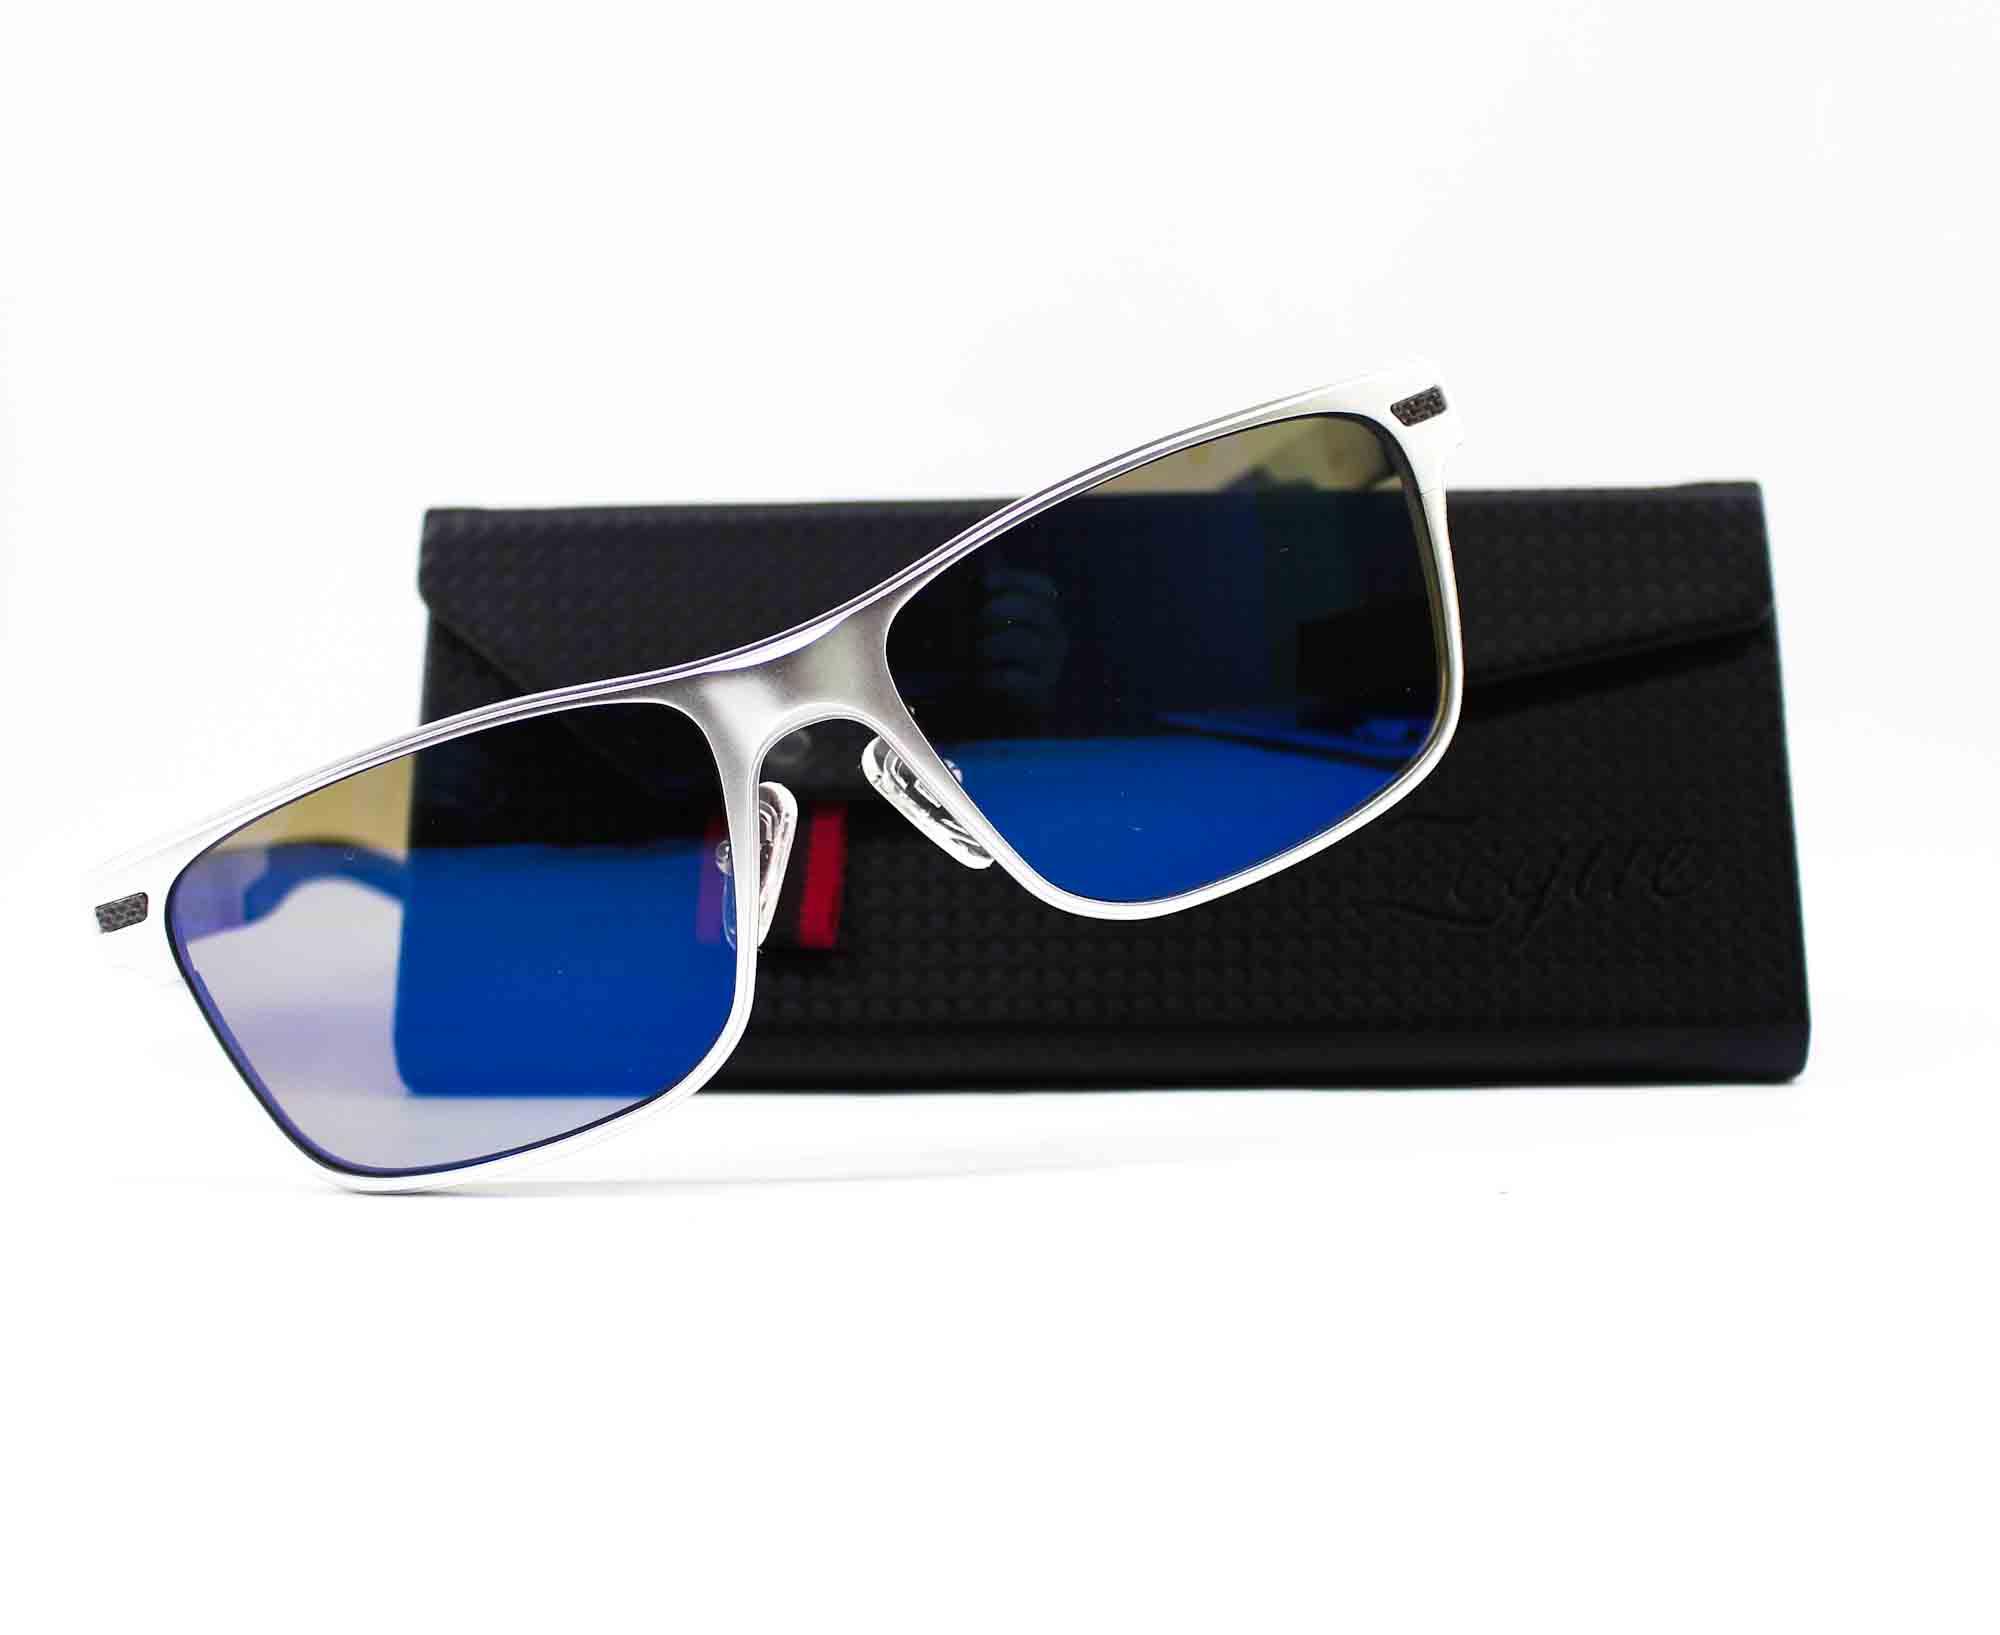 Zeque Polarised Fishing Sunglasses DECK F-1860 TVS Blue Mirror (8218)